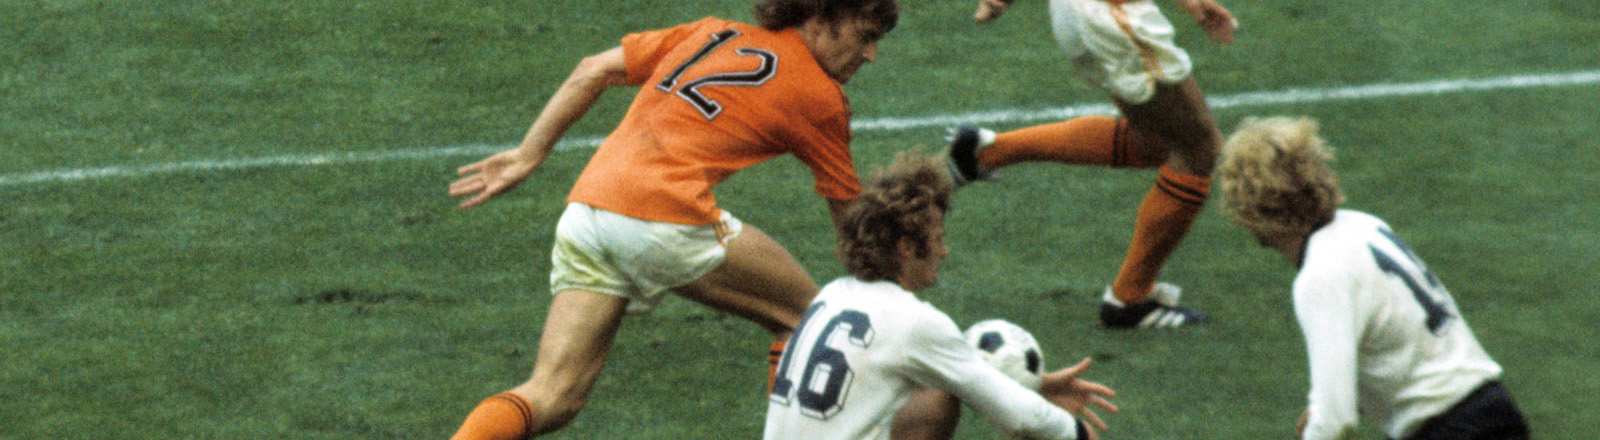 Spielszene beim Endspiel der Fußball-WM 1974 zwischen Deutschland und den Niederlanden